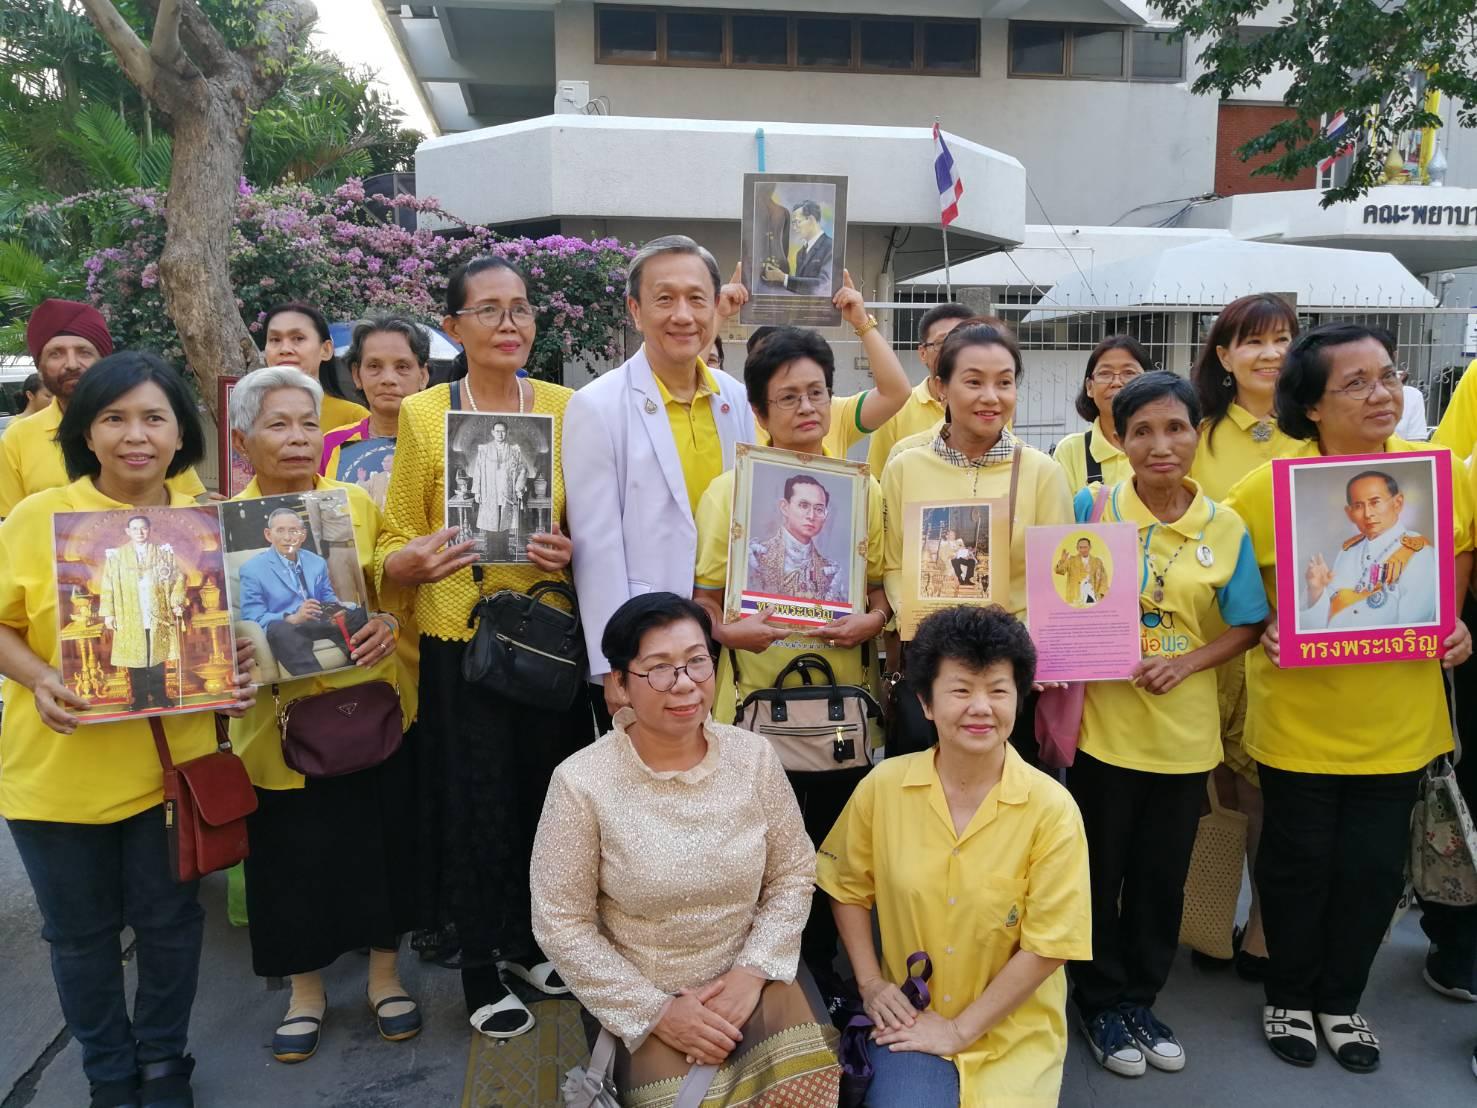 ศิริราช จัดงานศิระกรานพระภูบาลนวมินทร์ปีที่ 3 ชวนคนไทยตามรอยพ่อ น้อมรำลึกเนื่องในวันสวรรคต